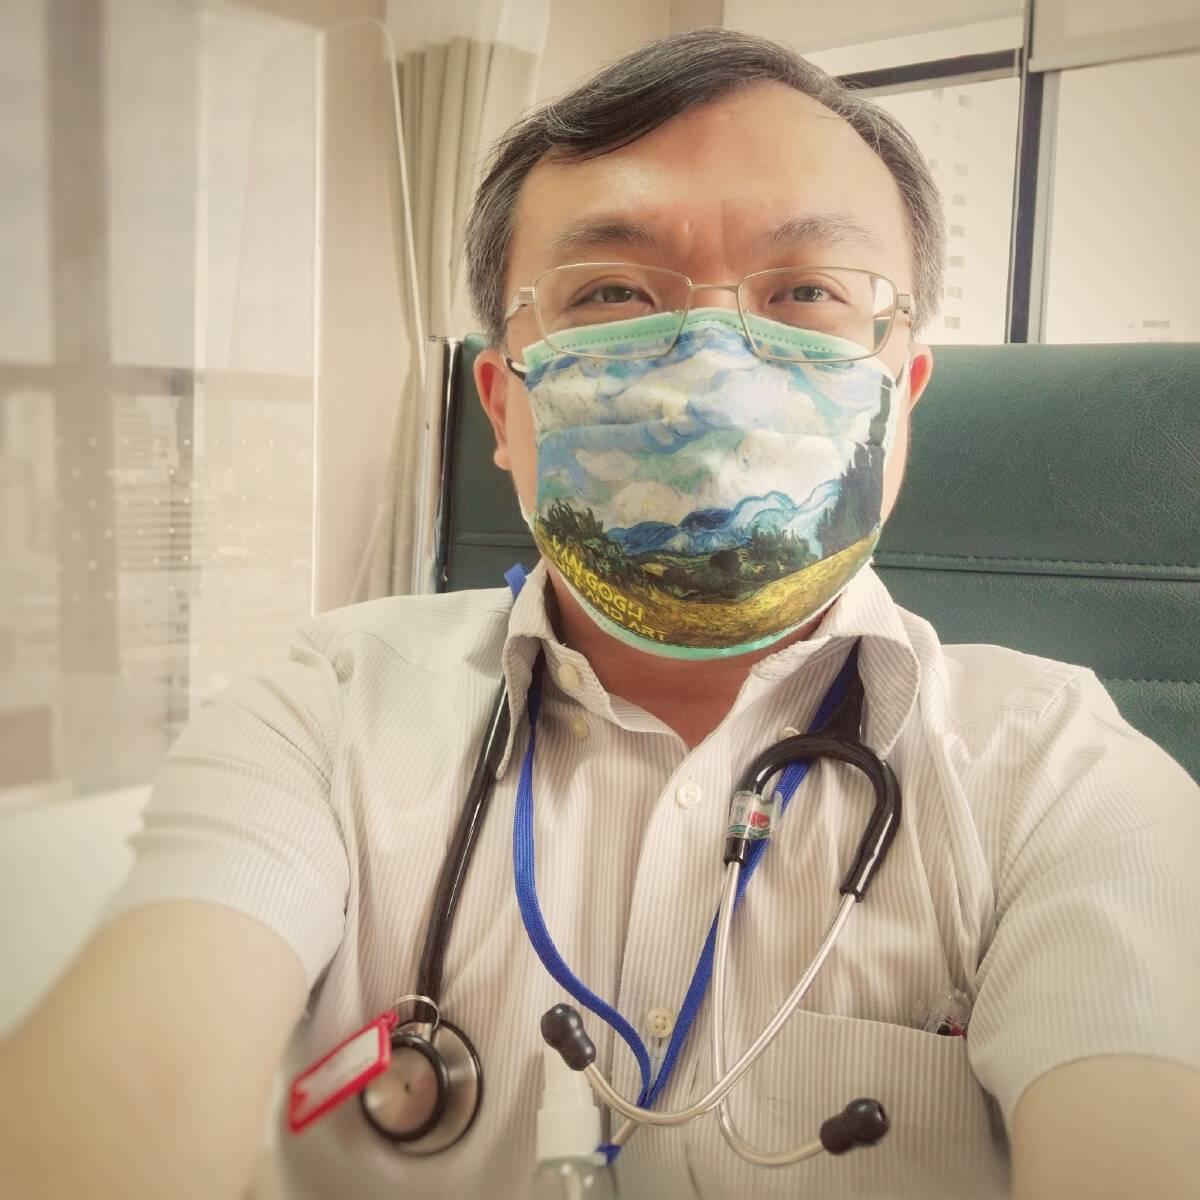 รศ.นพ.ธีระ วรธนารัตน์ คณะแพทยศาสตร์ จุฬาลงกรณ์มหาวิทยาลัย